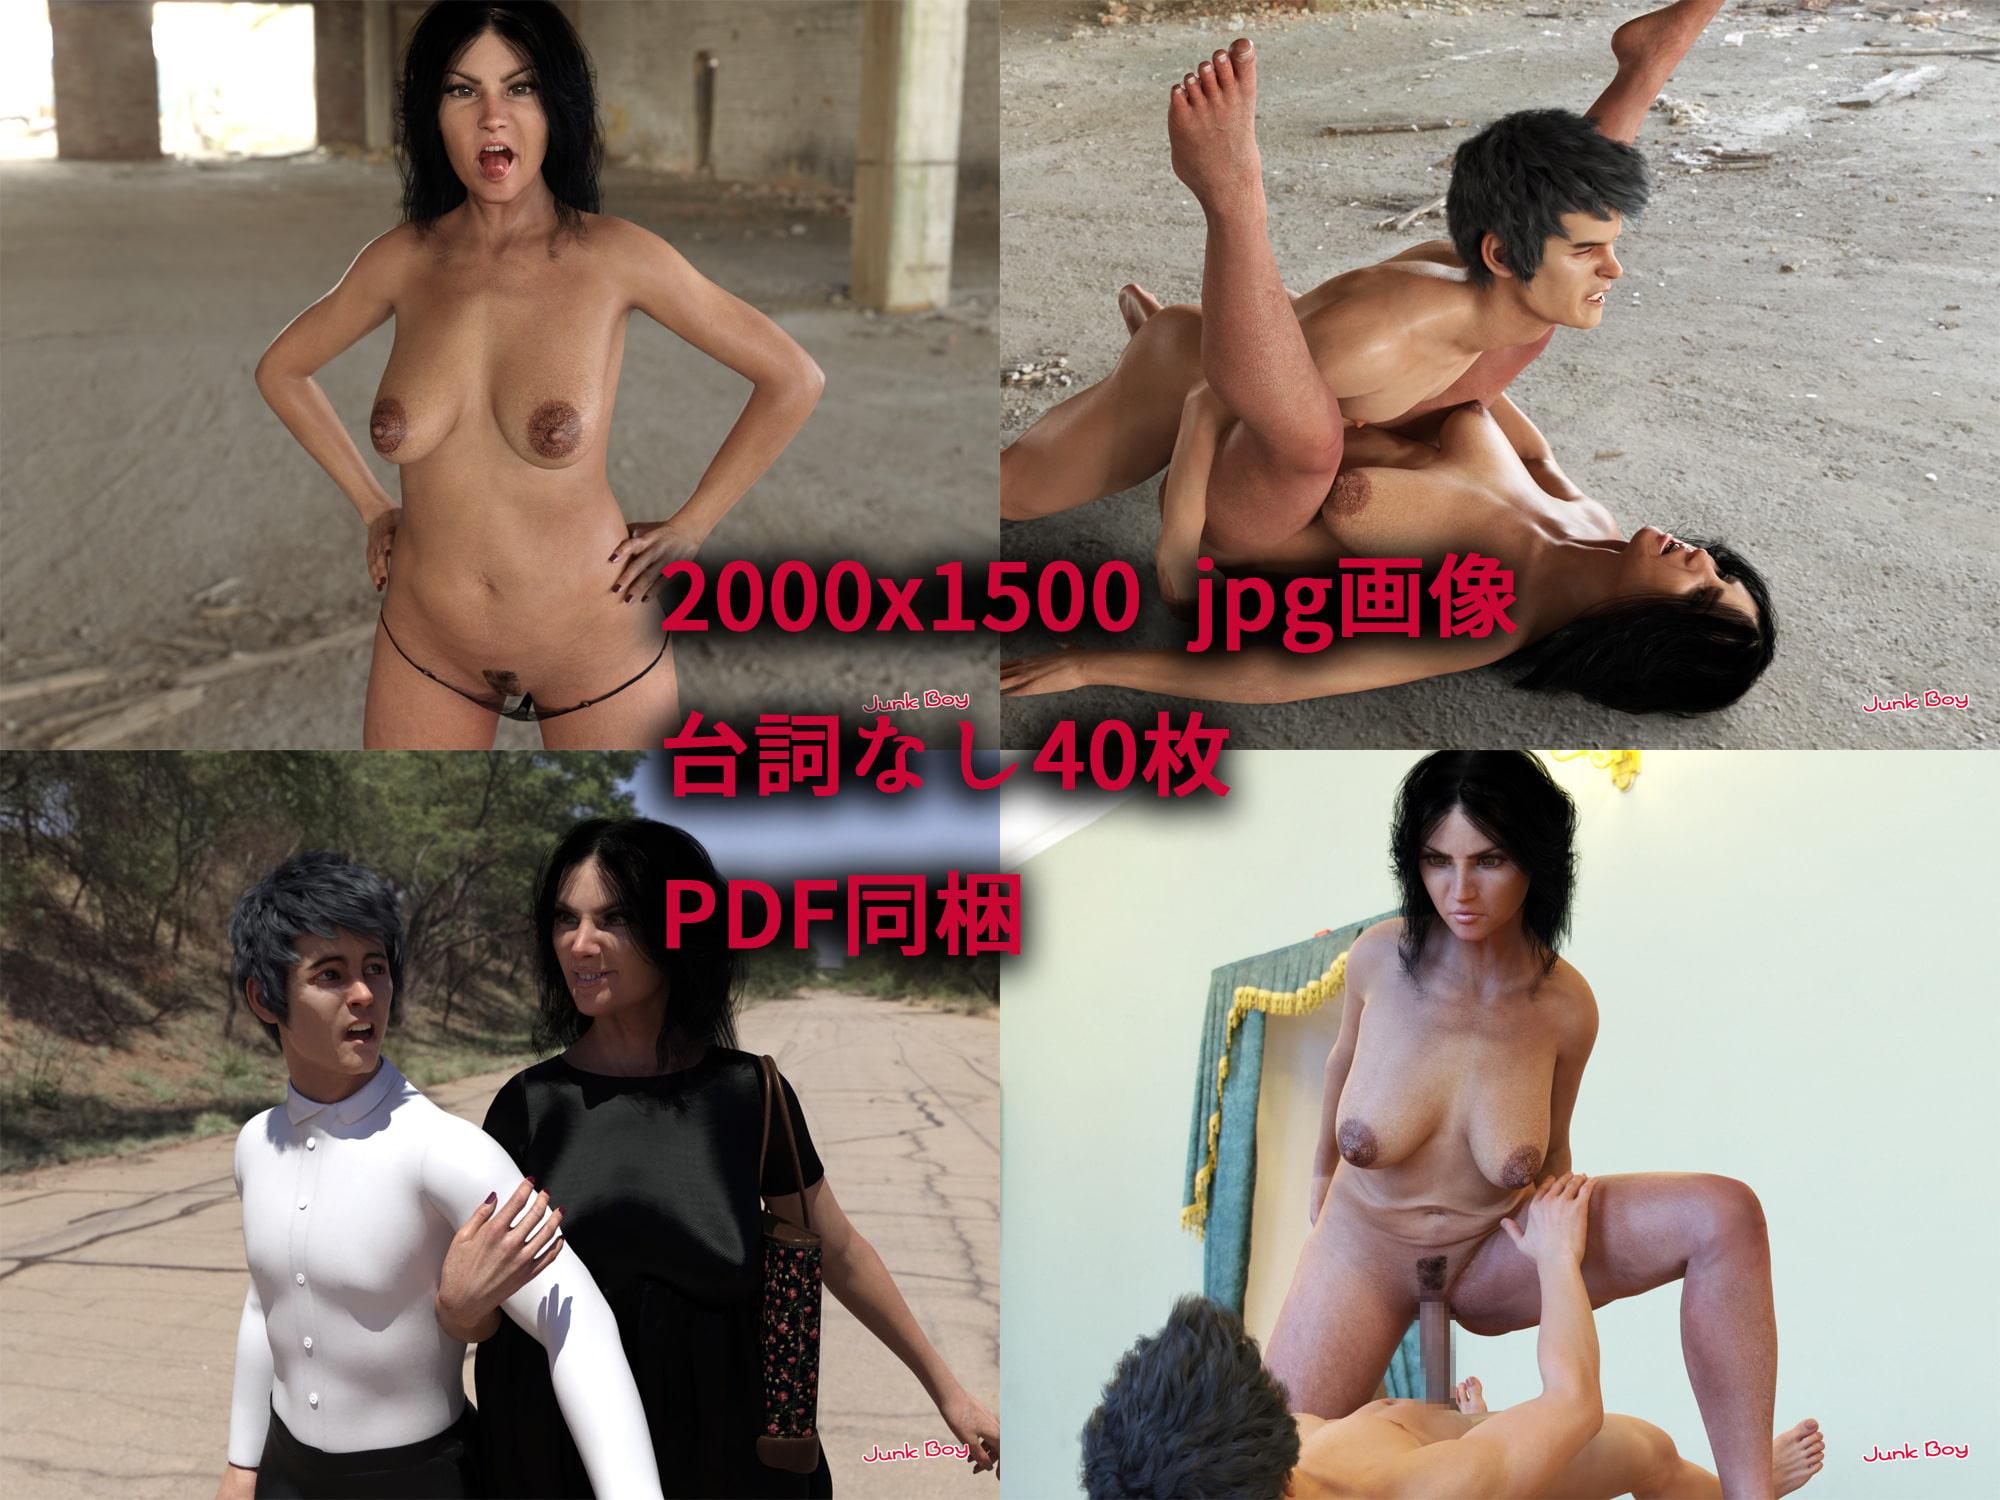 RJ336925 熟女メスの性欲 [20210731]